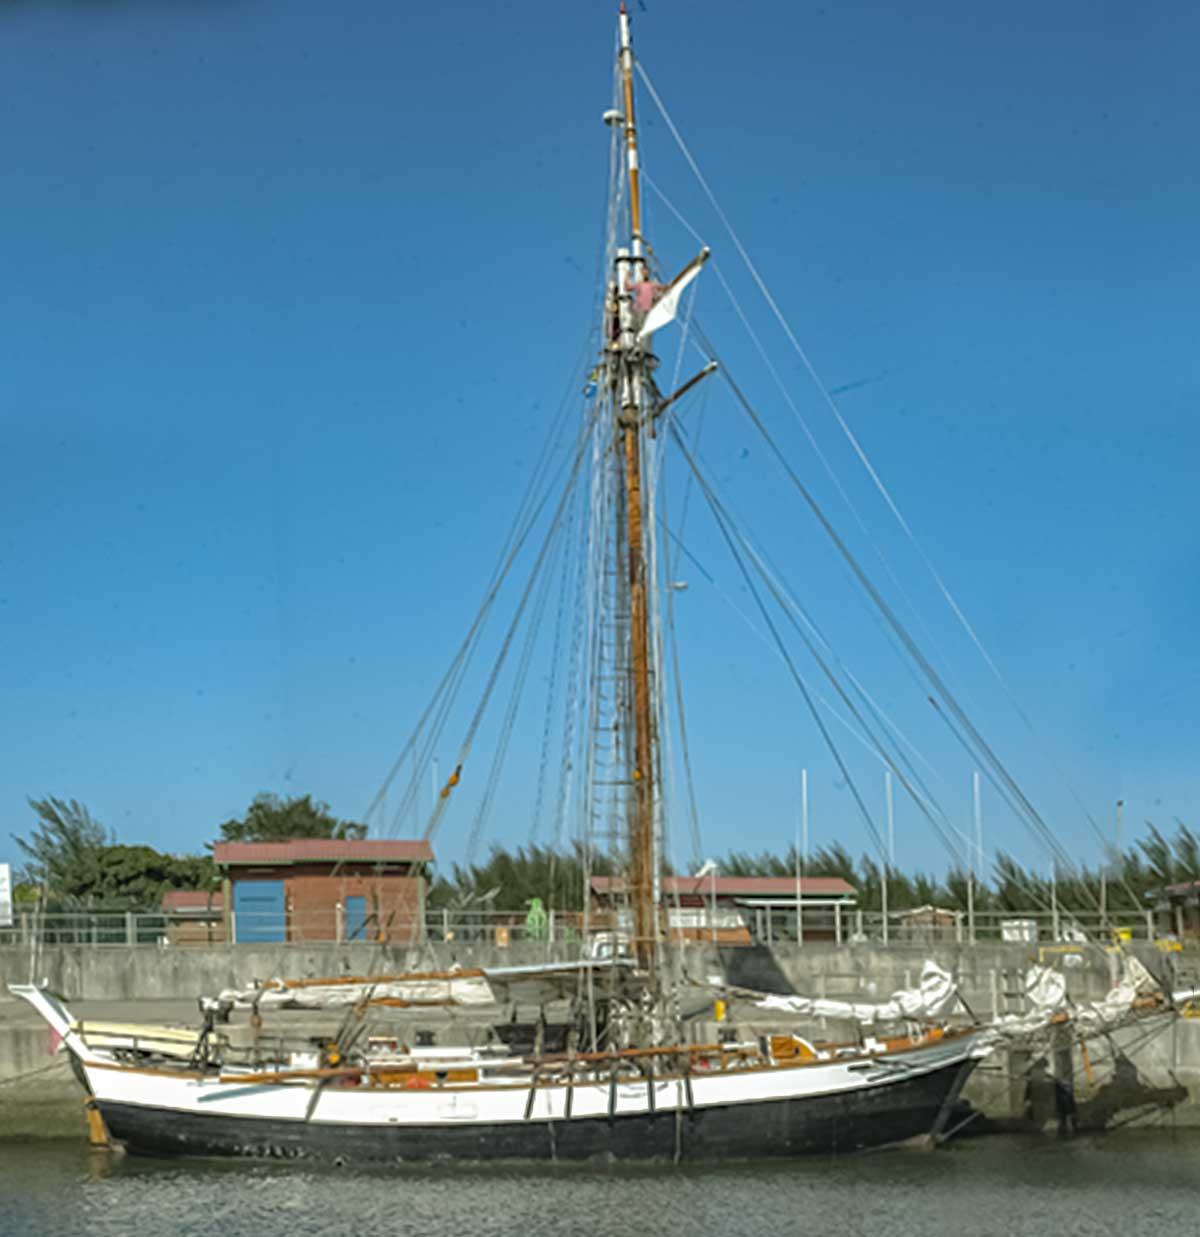 Historic Vessel Vega, Richards Bay, South Africa - January 2002